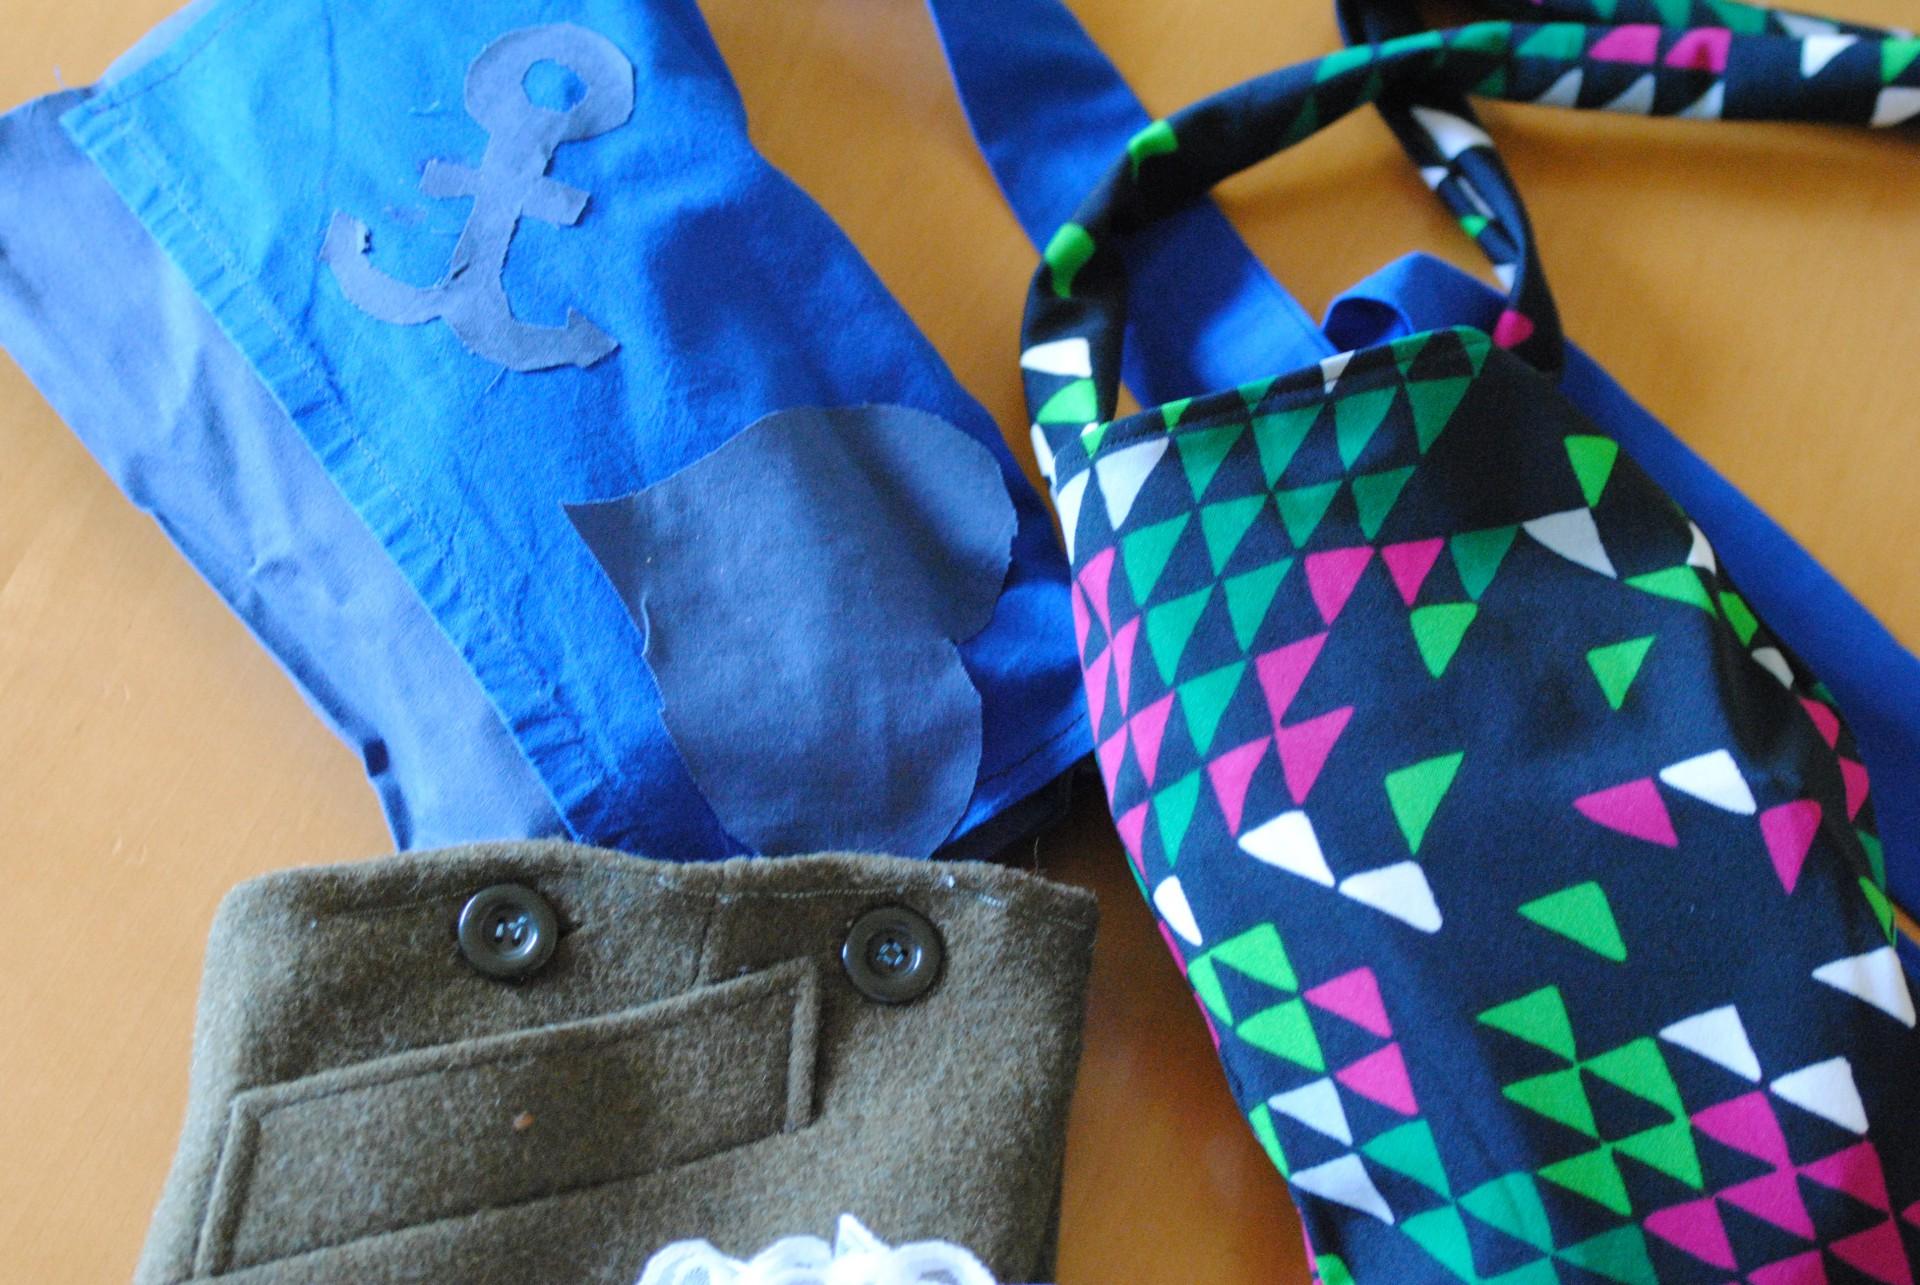 viele Taschen wurden genähtviele Taschen wurden genäht